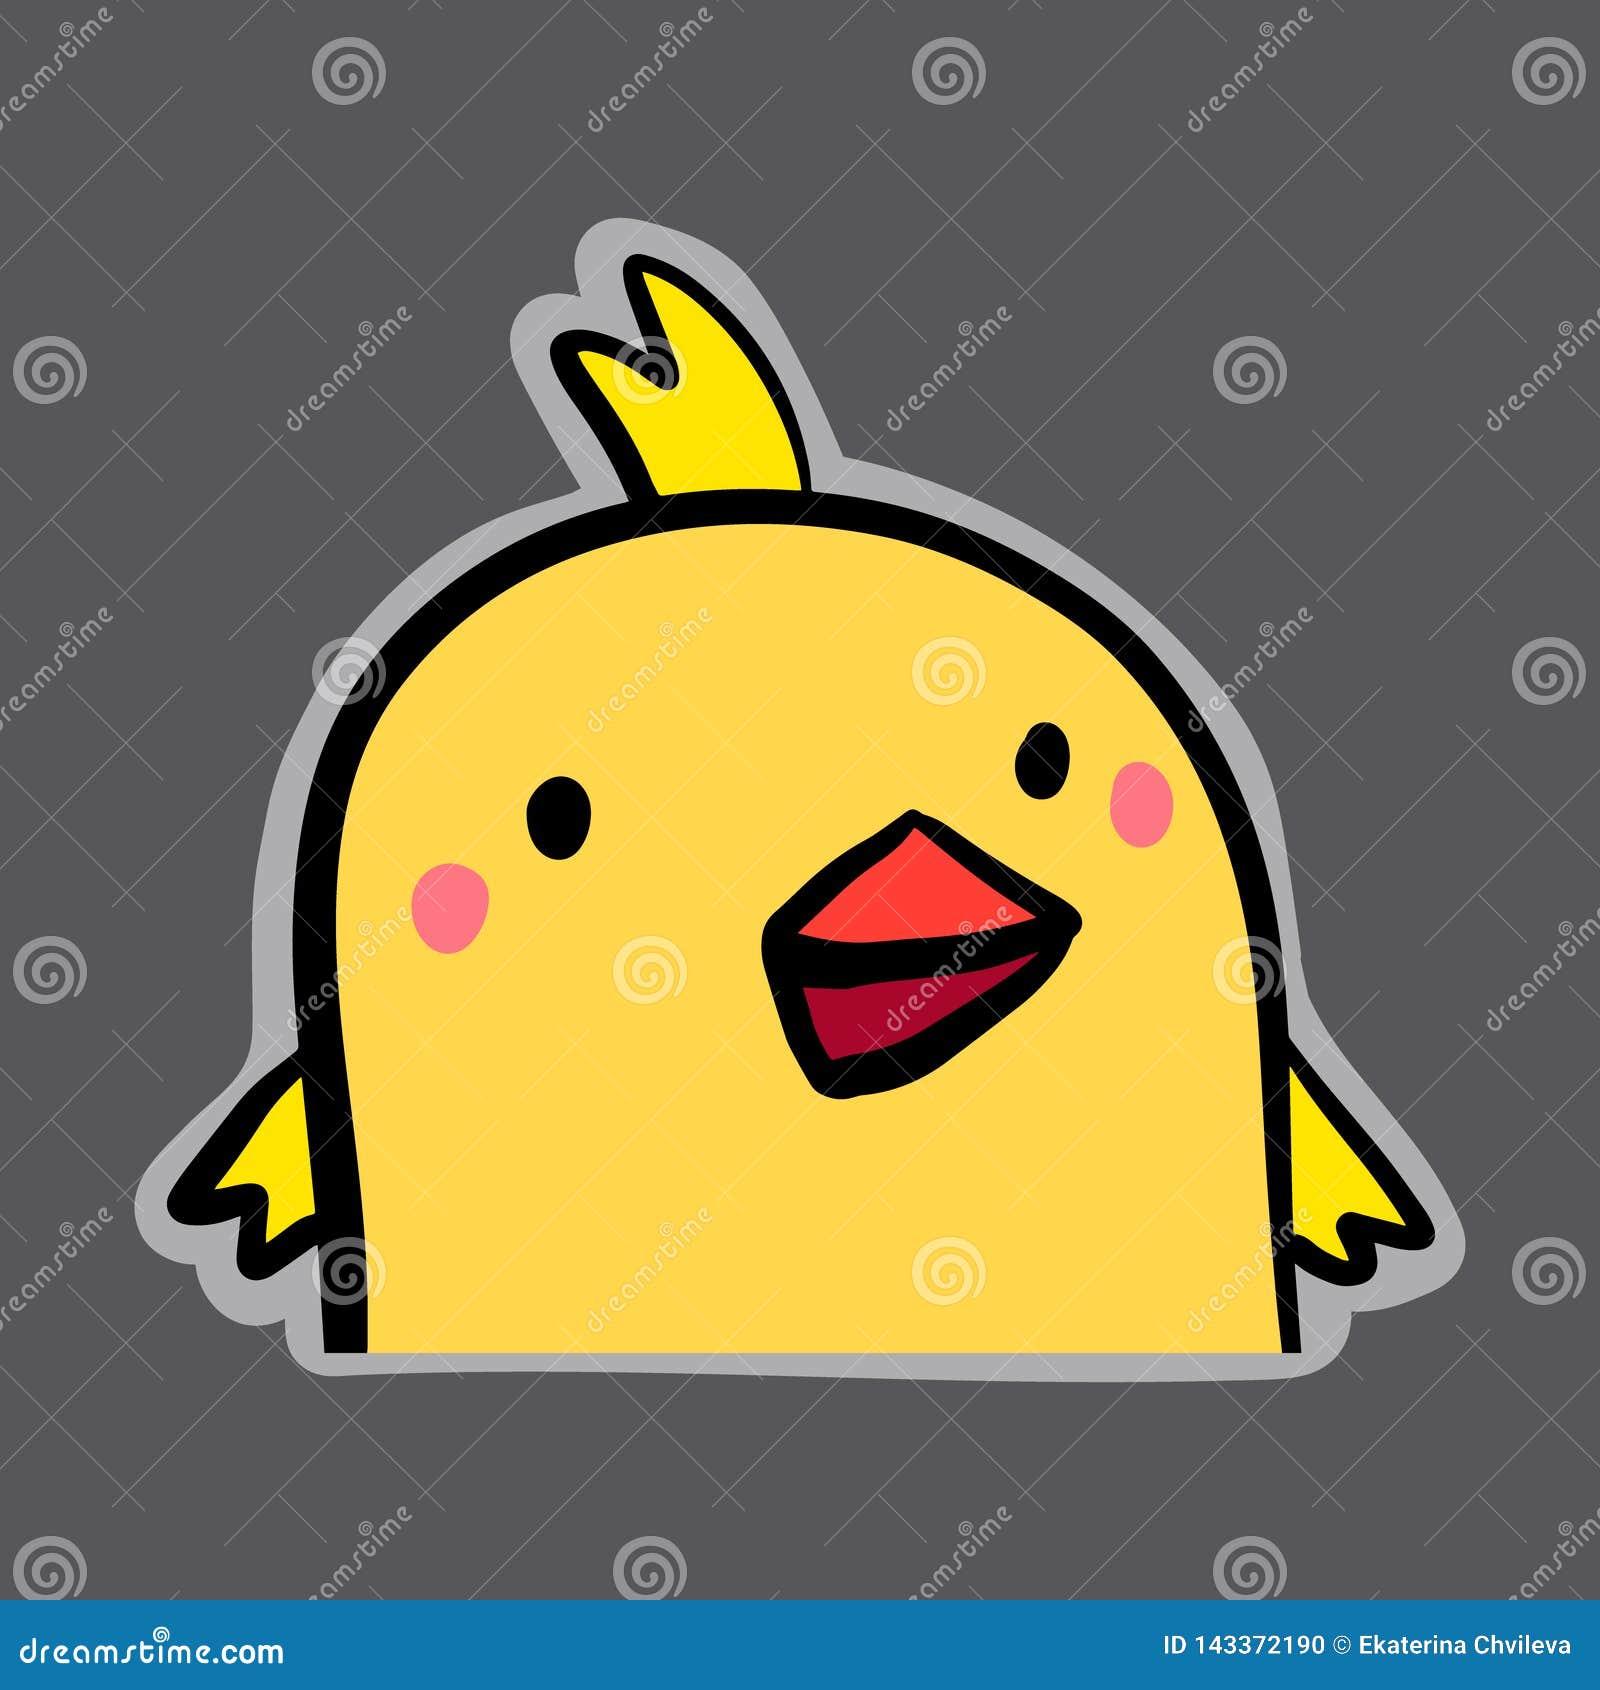 Etiqueta tirada da galinha mão amarela bonito no estilo dos desenhos animados